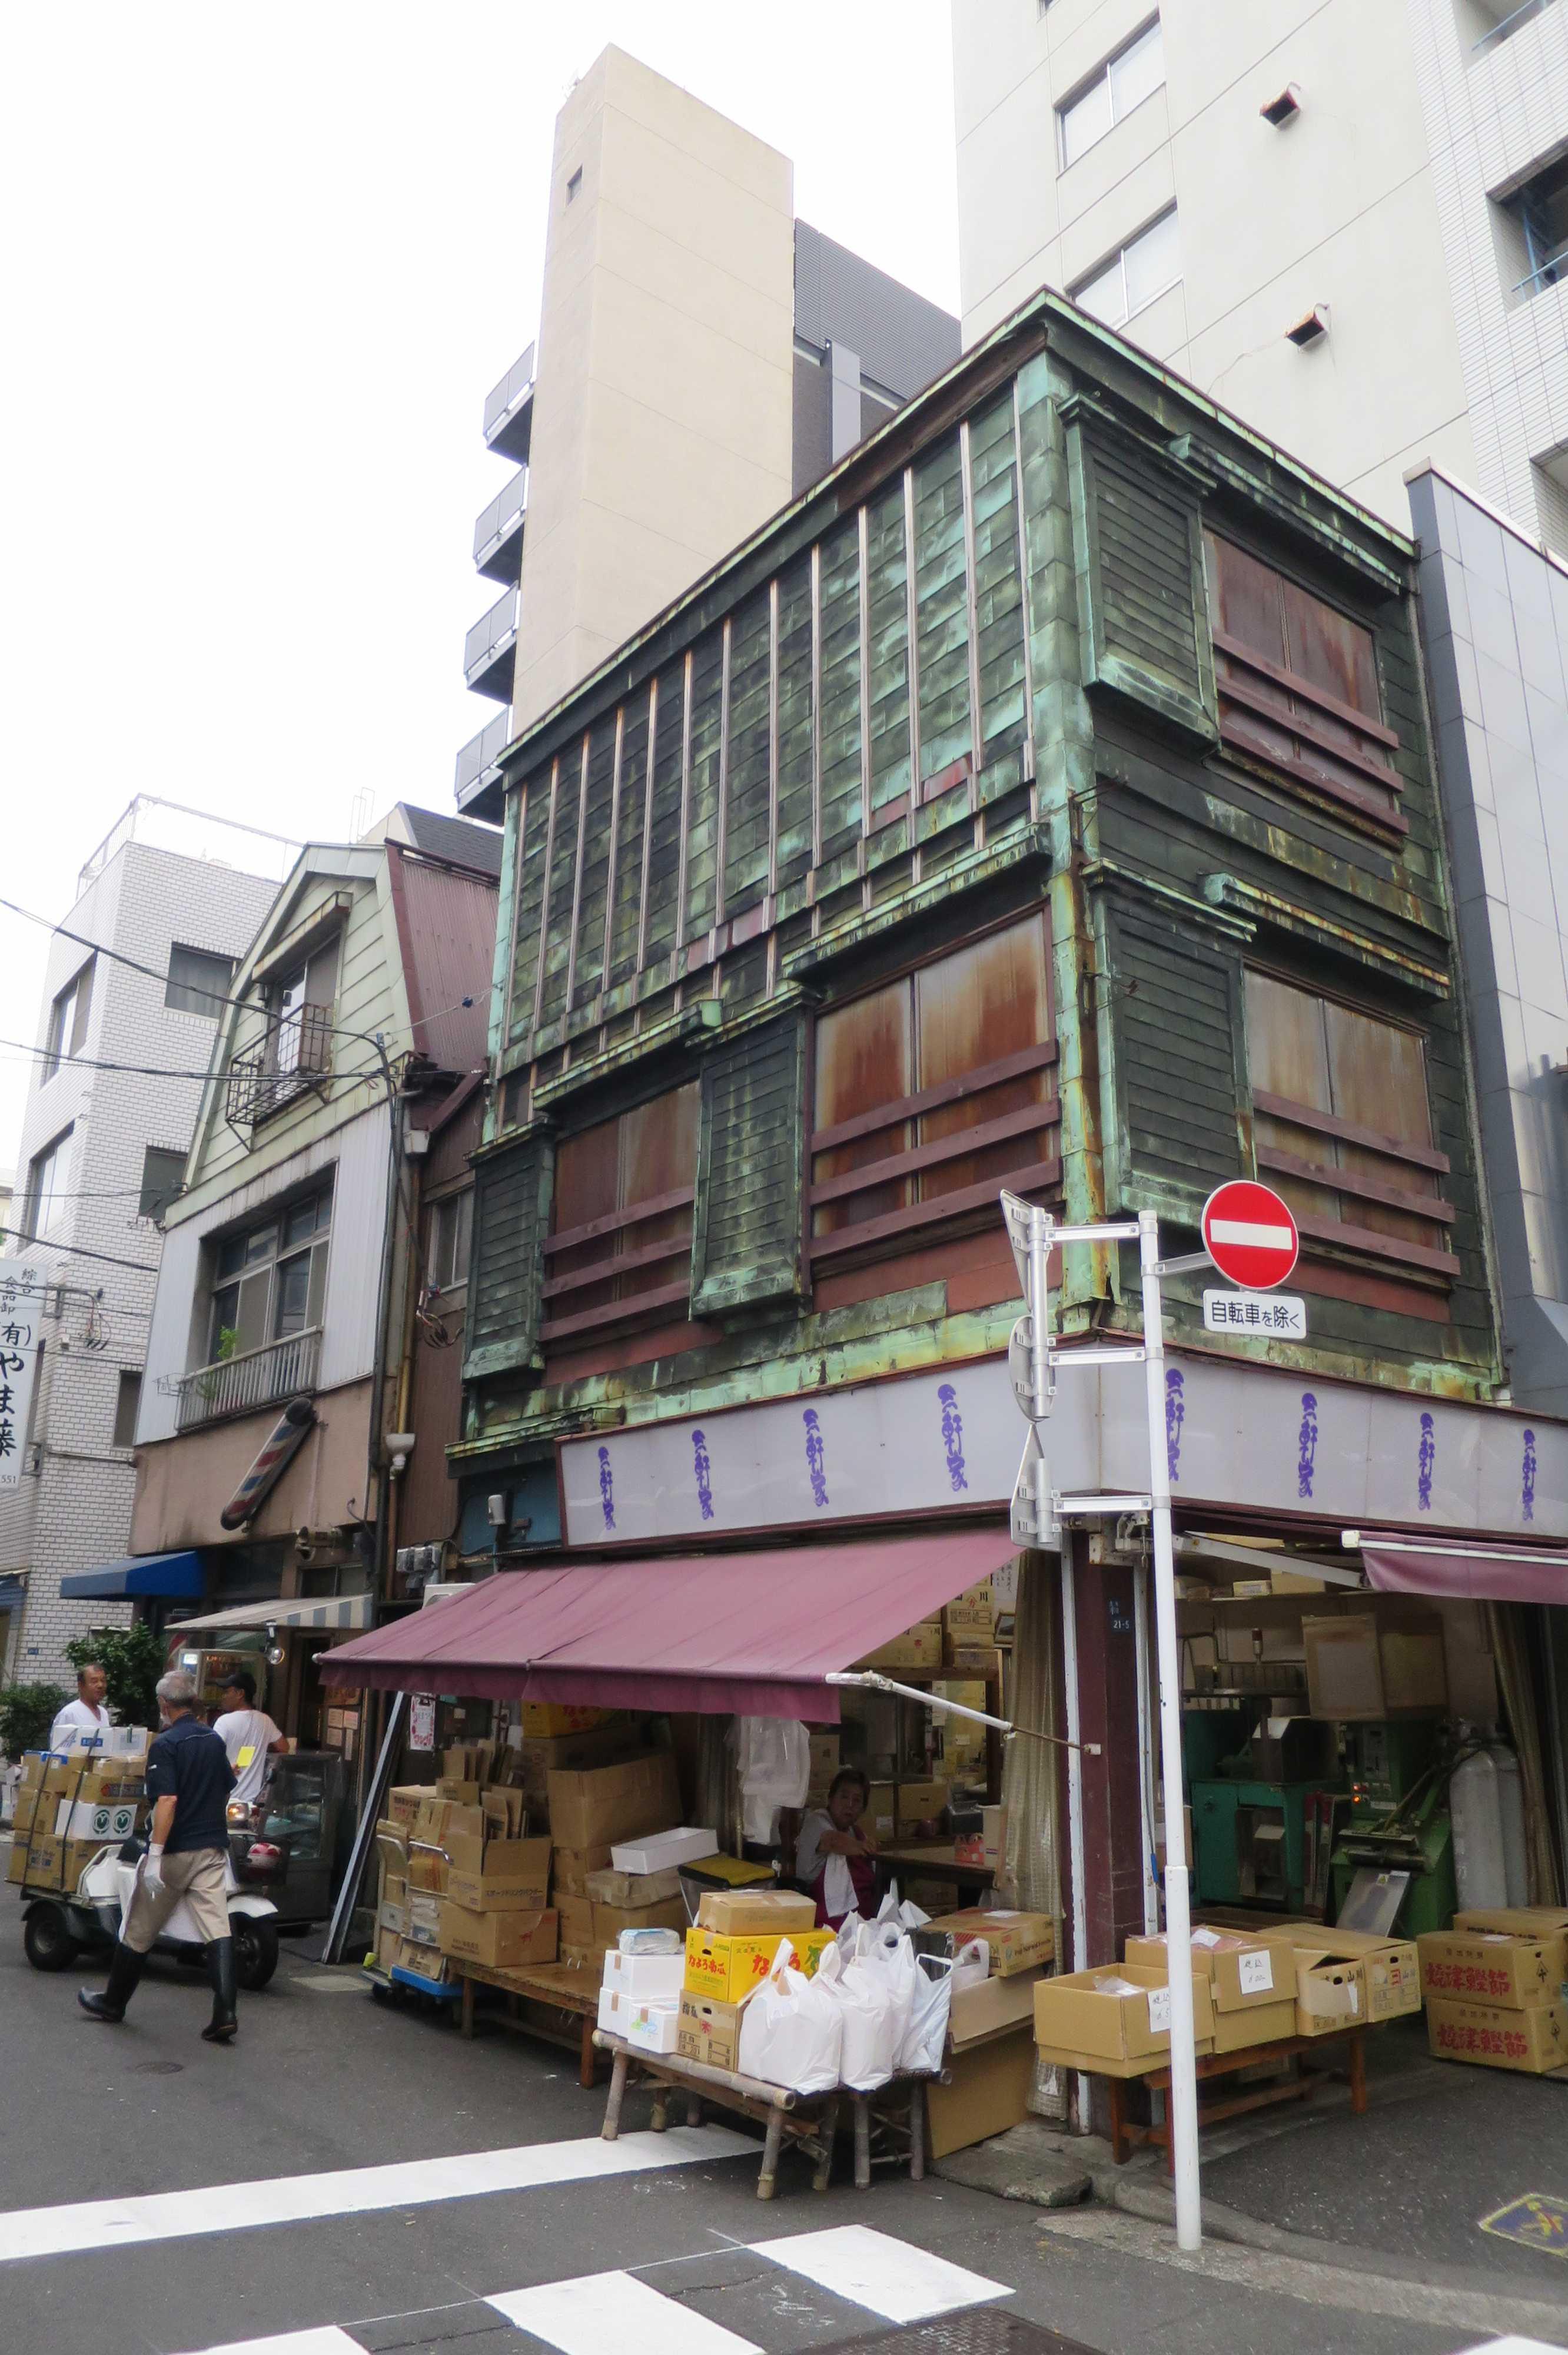 築地エリア - 3階建ての銅葺き看板建築(マルサン三軒屋)